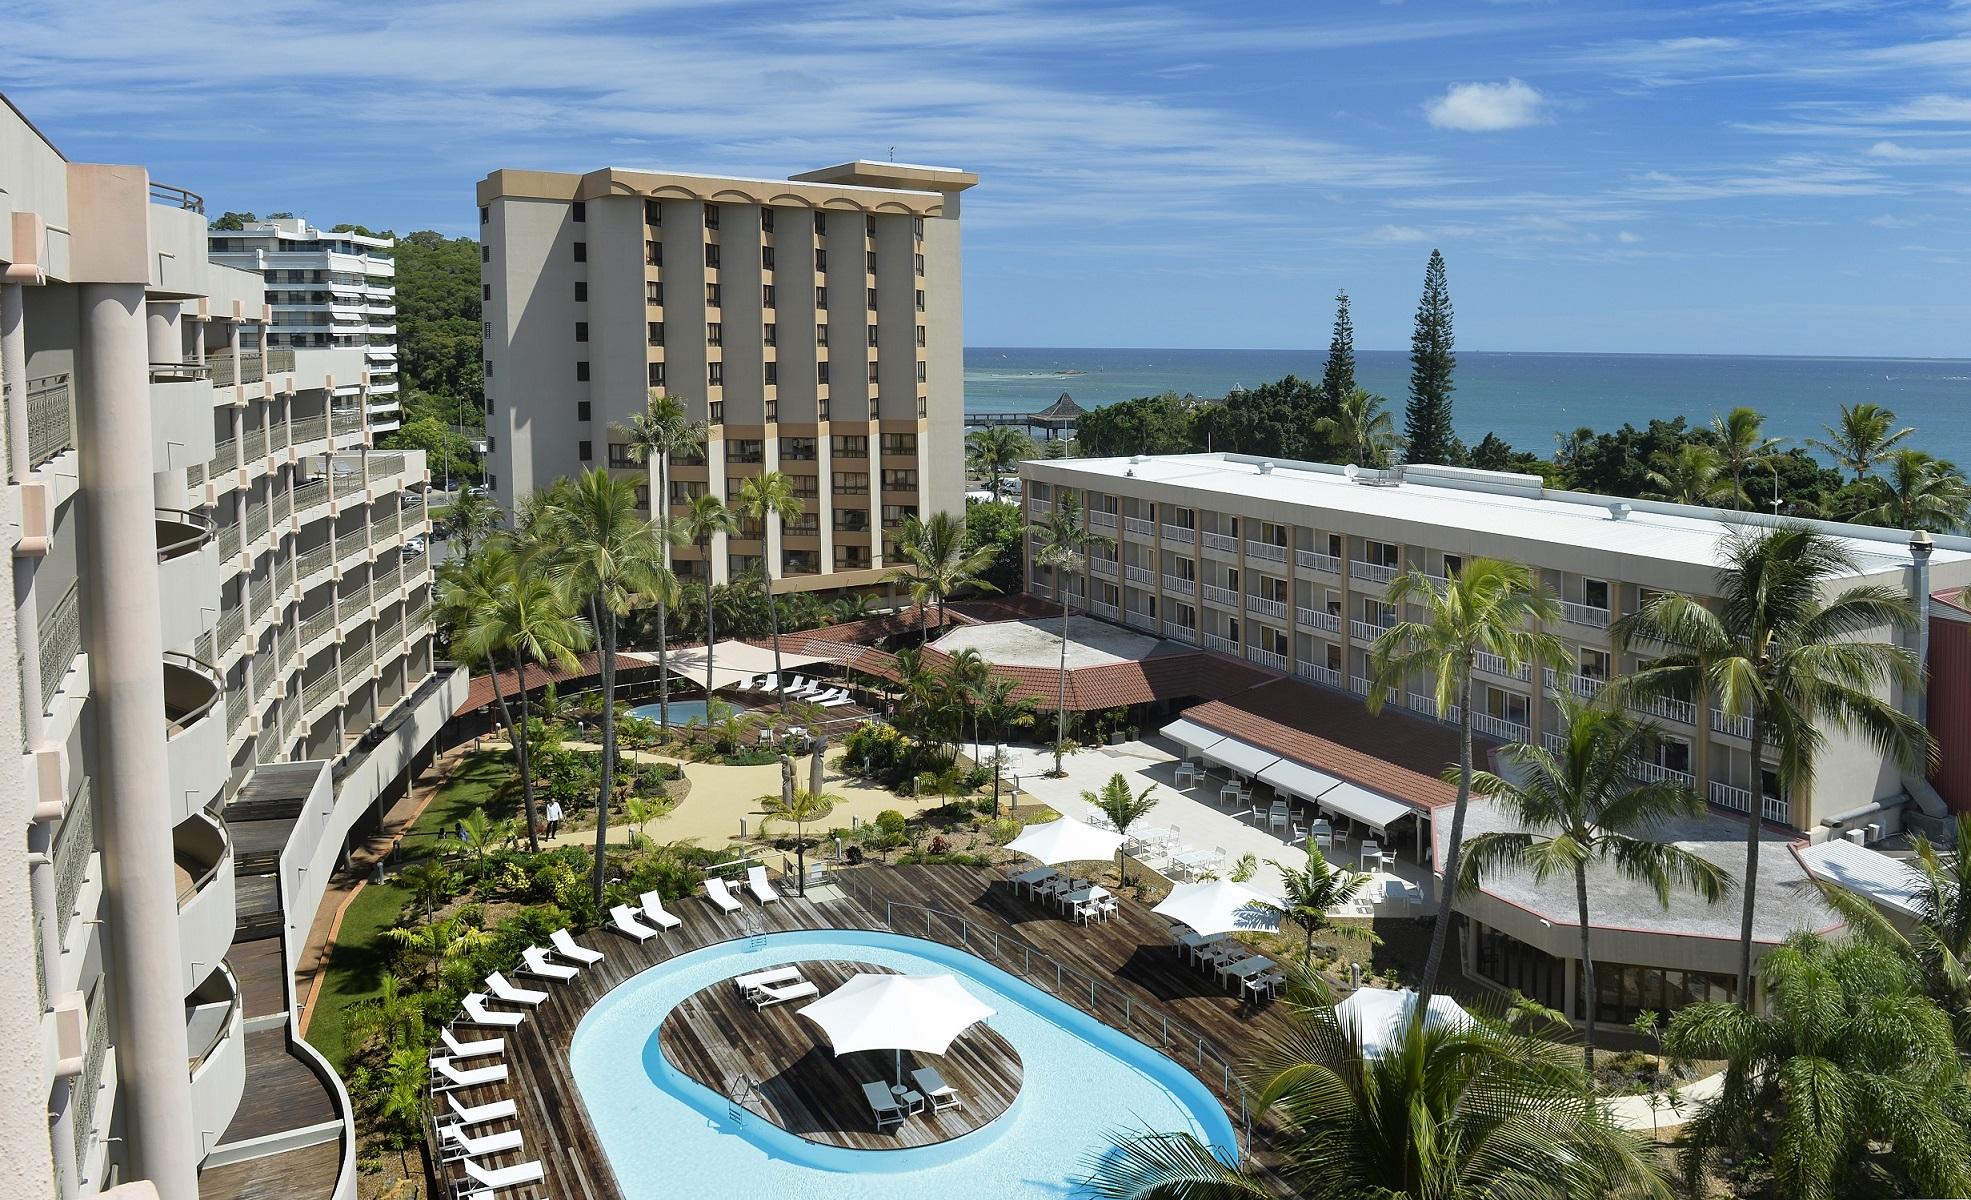 <90日前早割り>直行便で行くリゾート!ニューカレドニア!<br />ヌバタ ホテル (Nouvata Hotel) スタンダードルーム(オーシャンビュー)利用 3泊5日